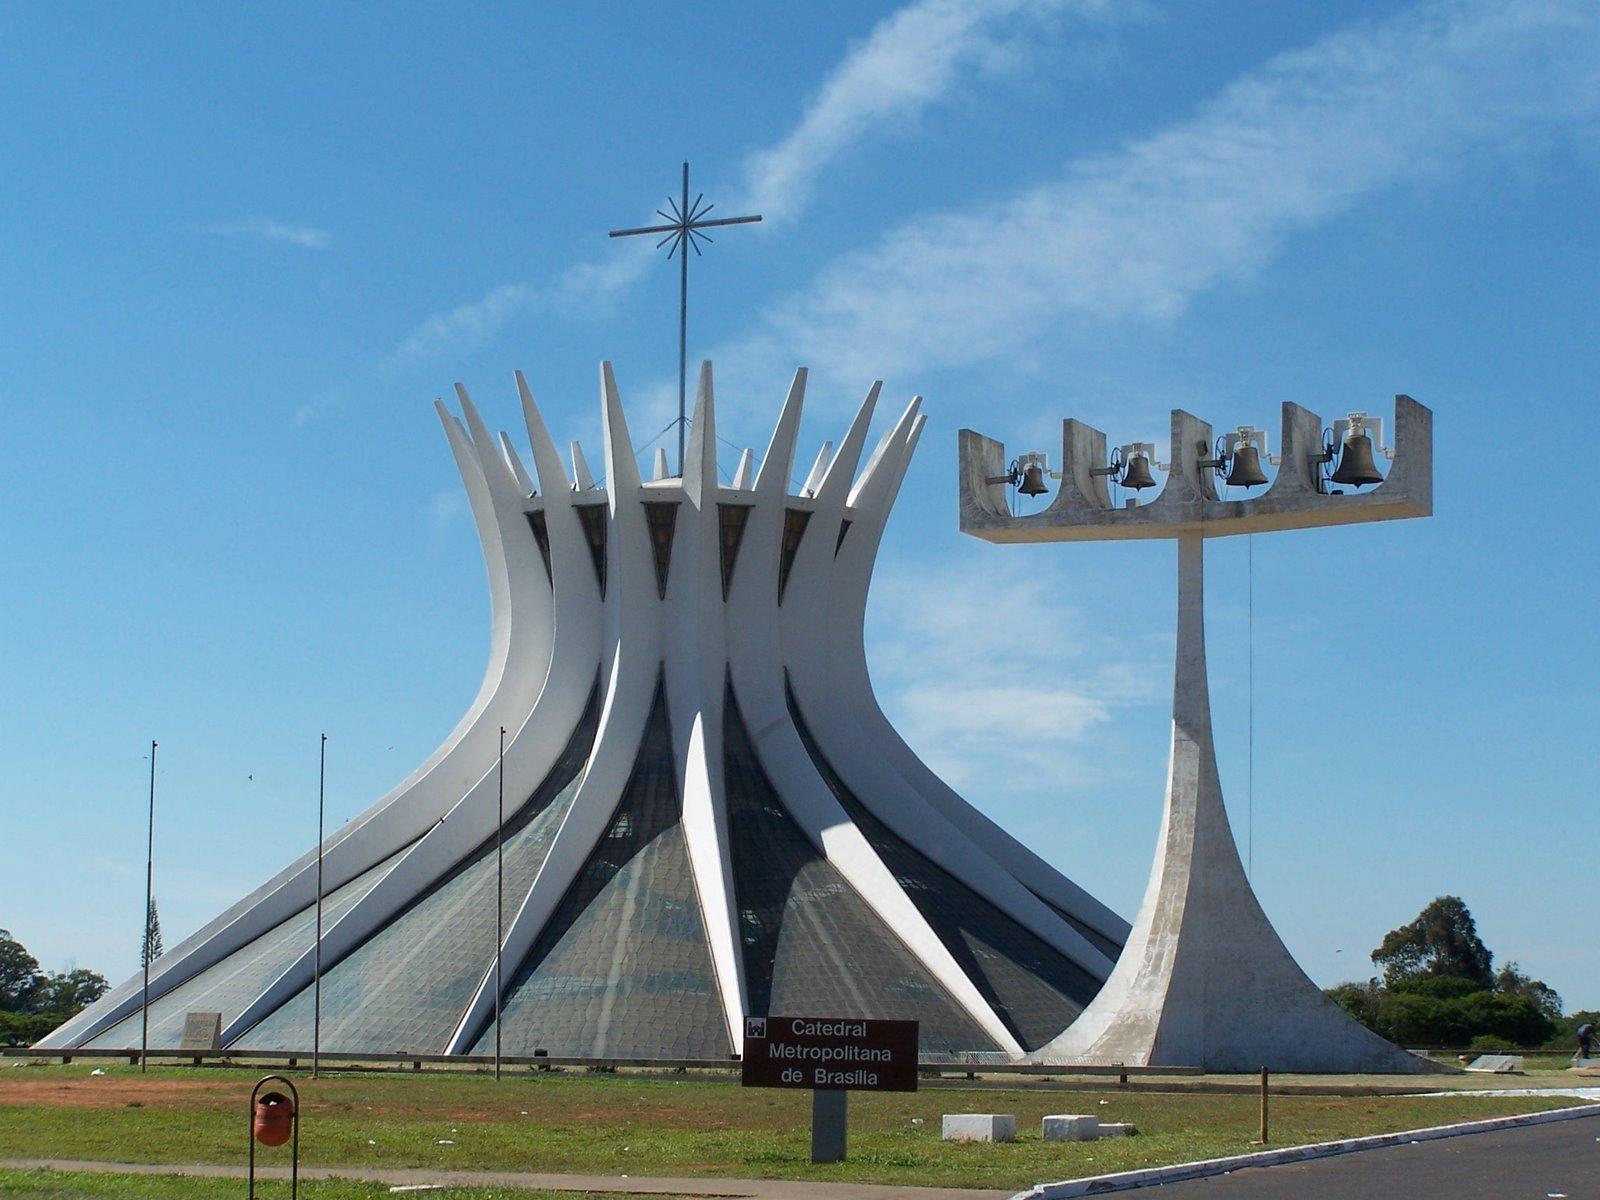 Catedral Metropolitana de Brasília :-)